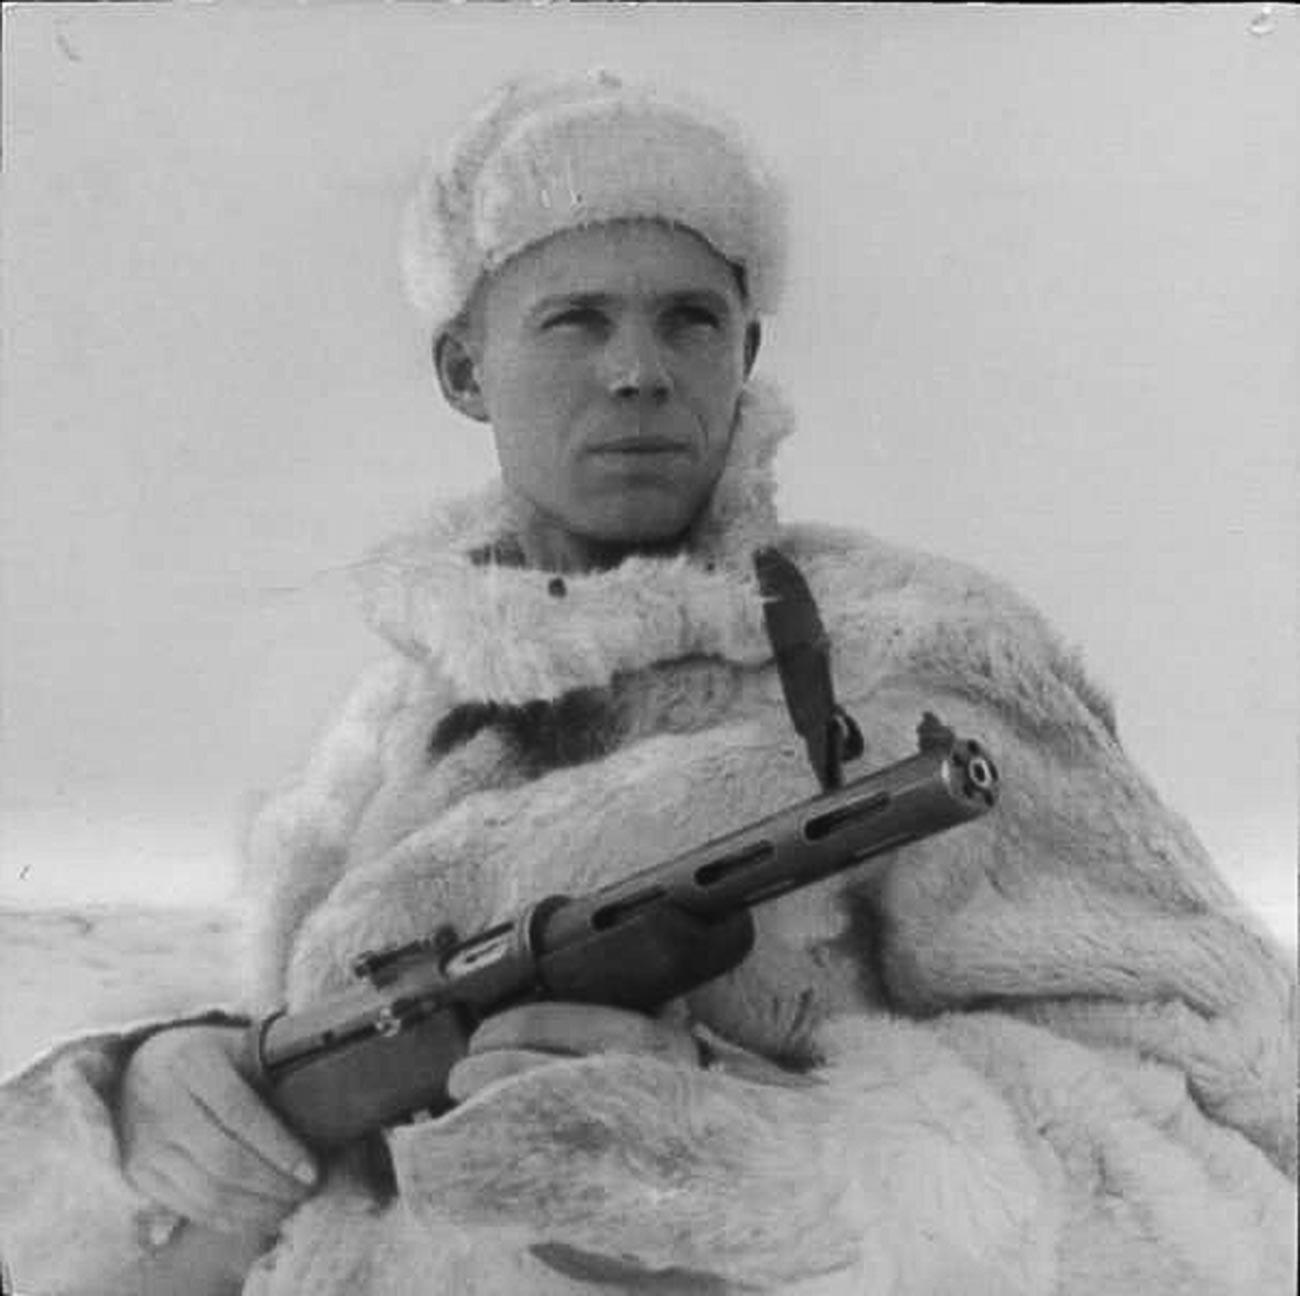 Oficial de inteligência militar soviética com chúba, 1943.